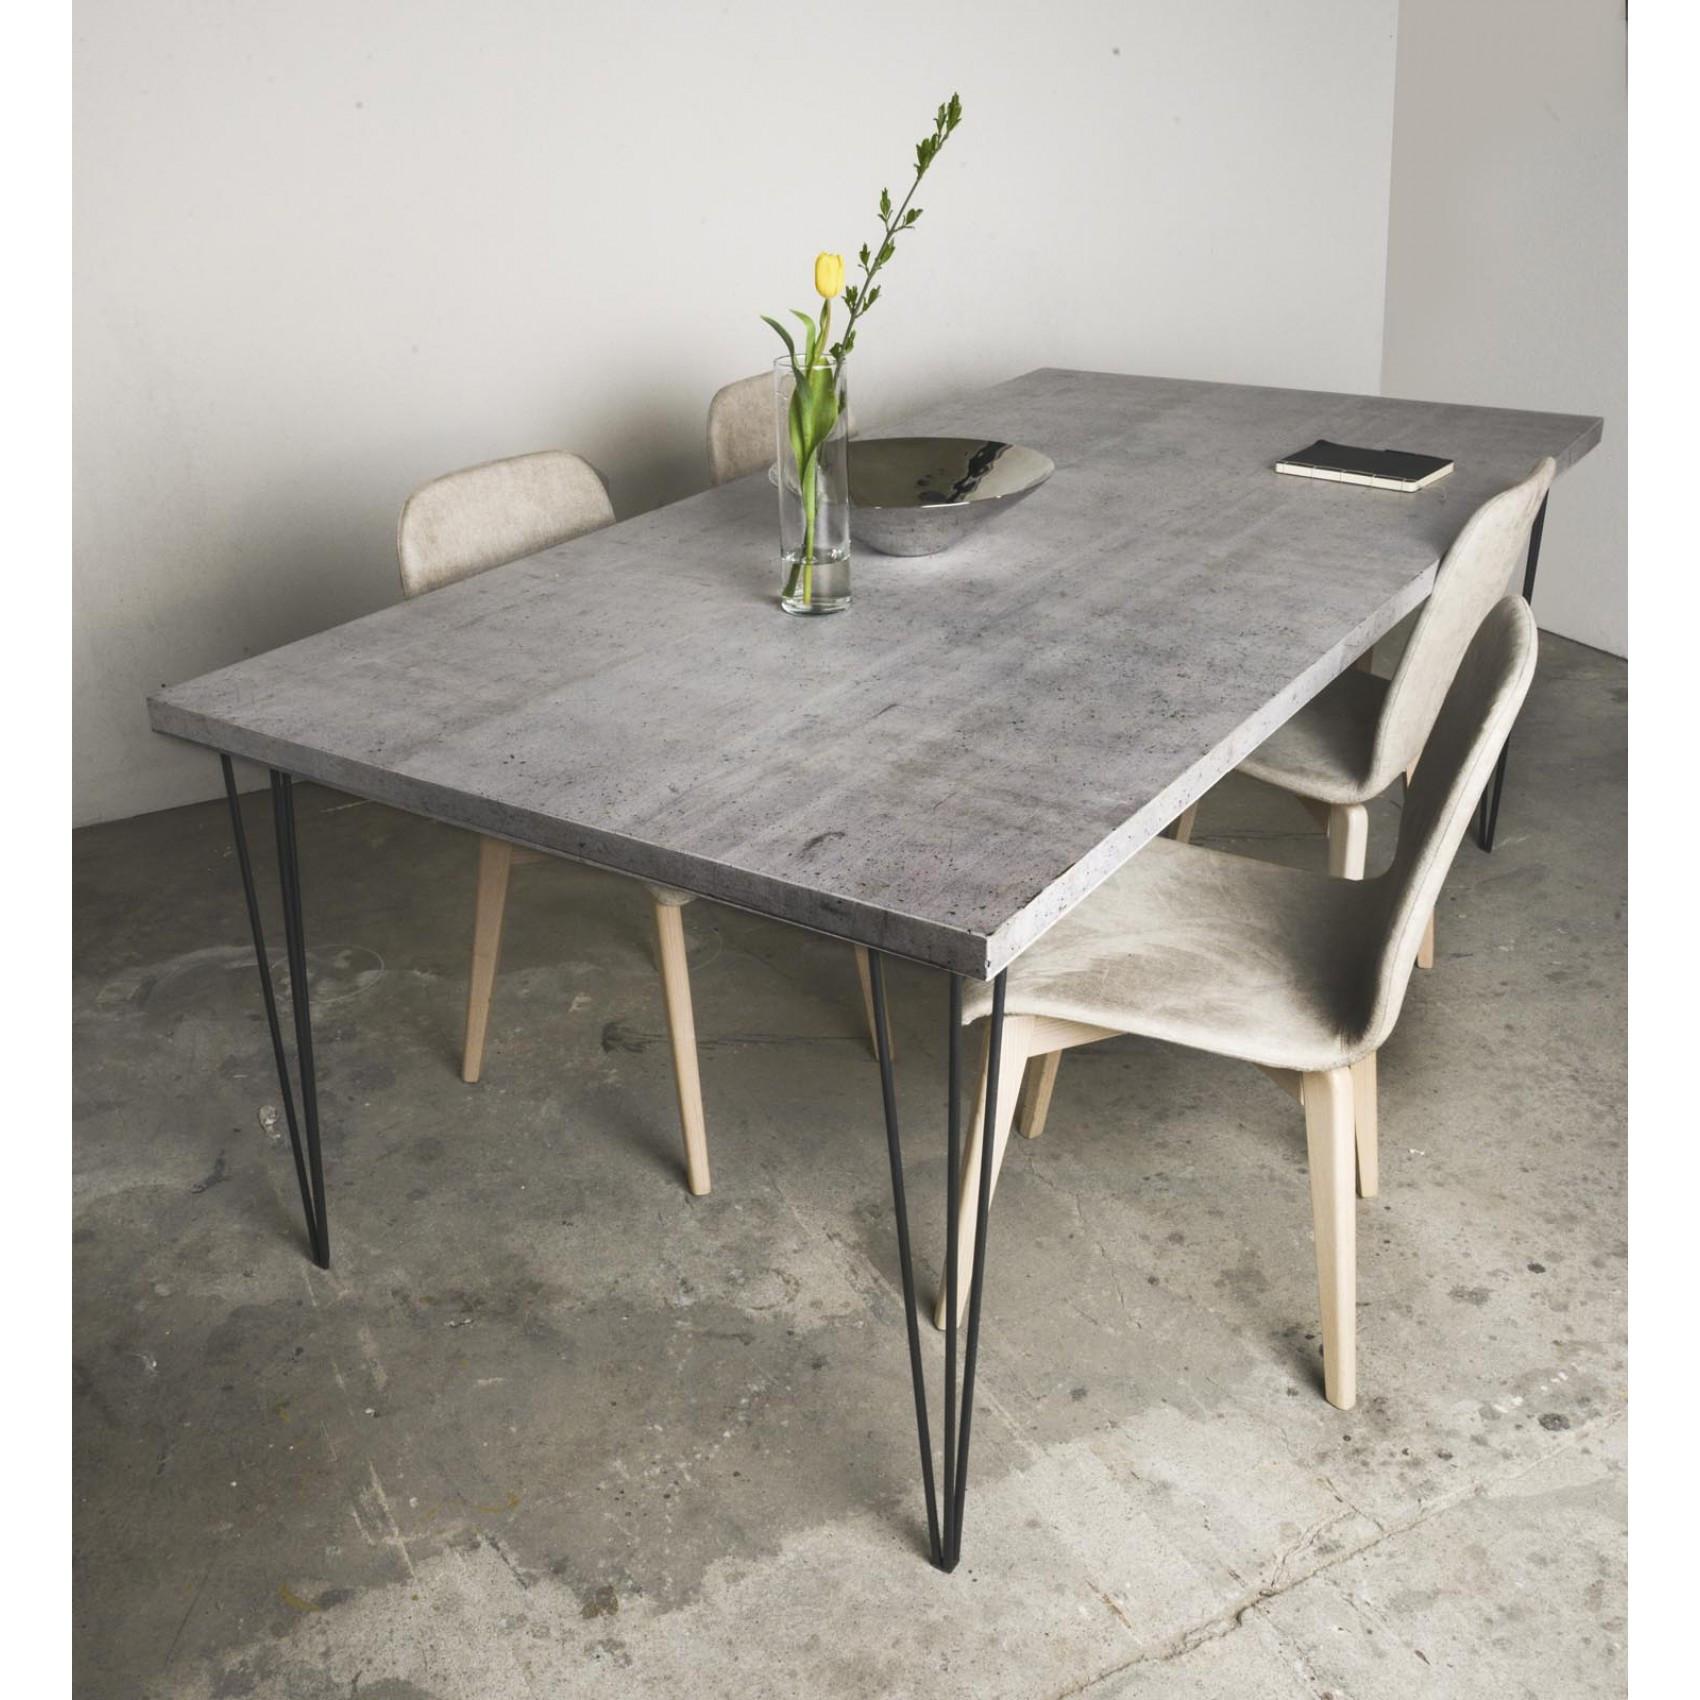 Beton Tisch Diy  Beton Tisch